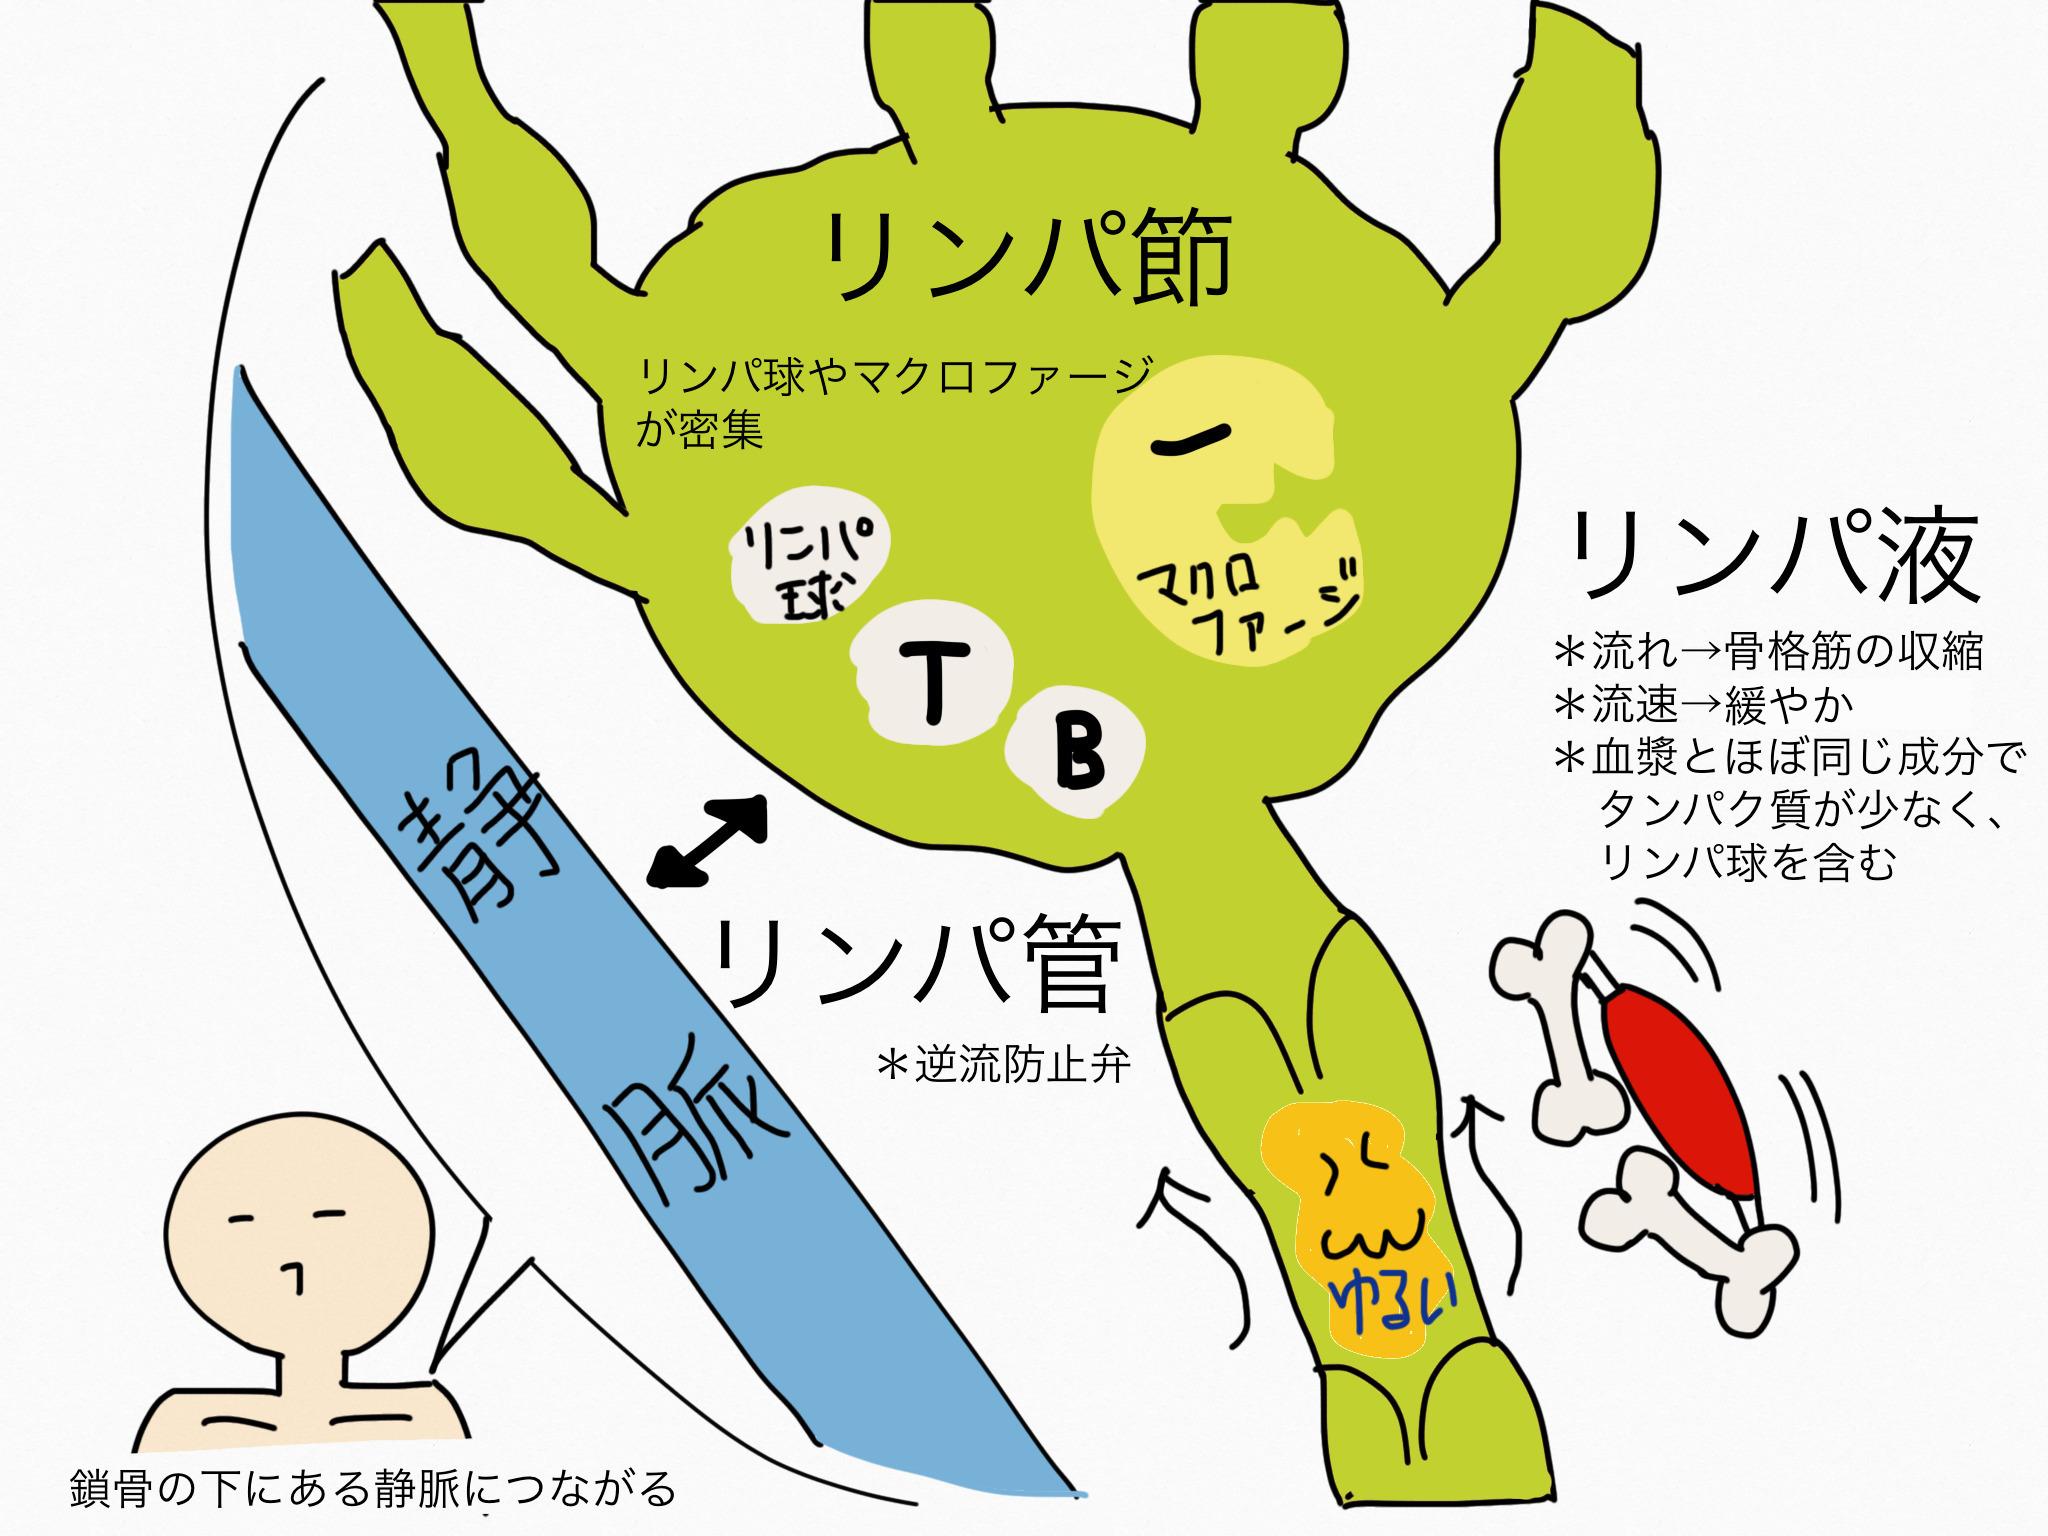 循環器系/リンパ系(リンパ液、リンパ管、リンパ節)【第2章の覚え方】